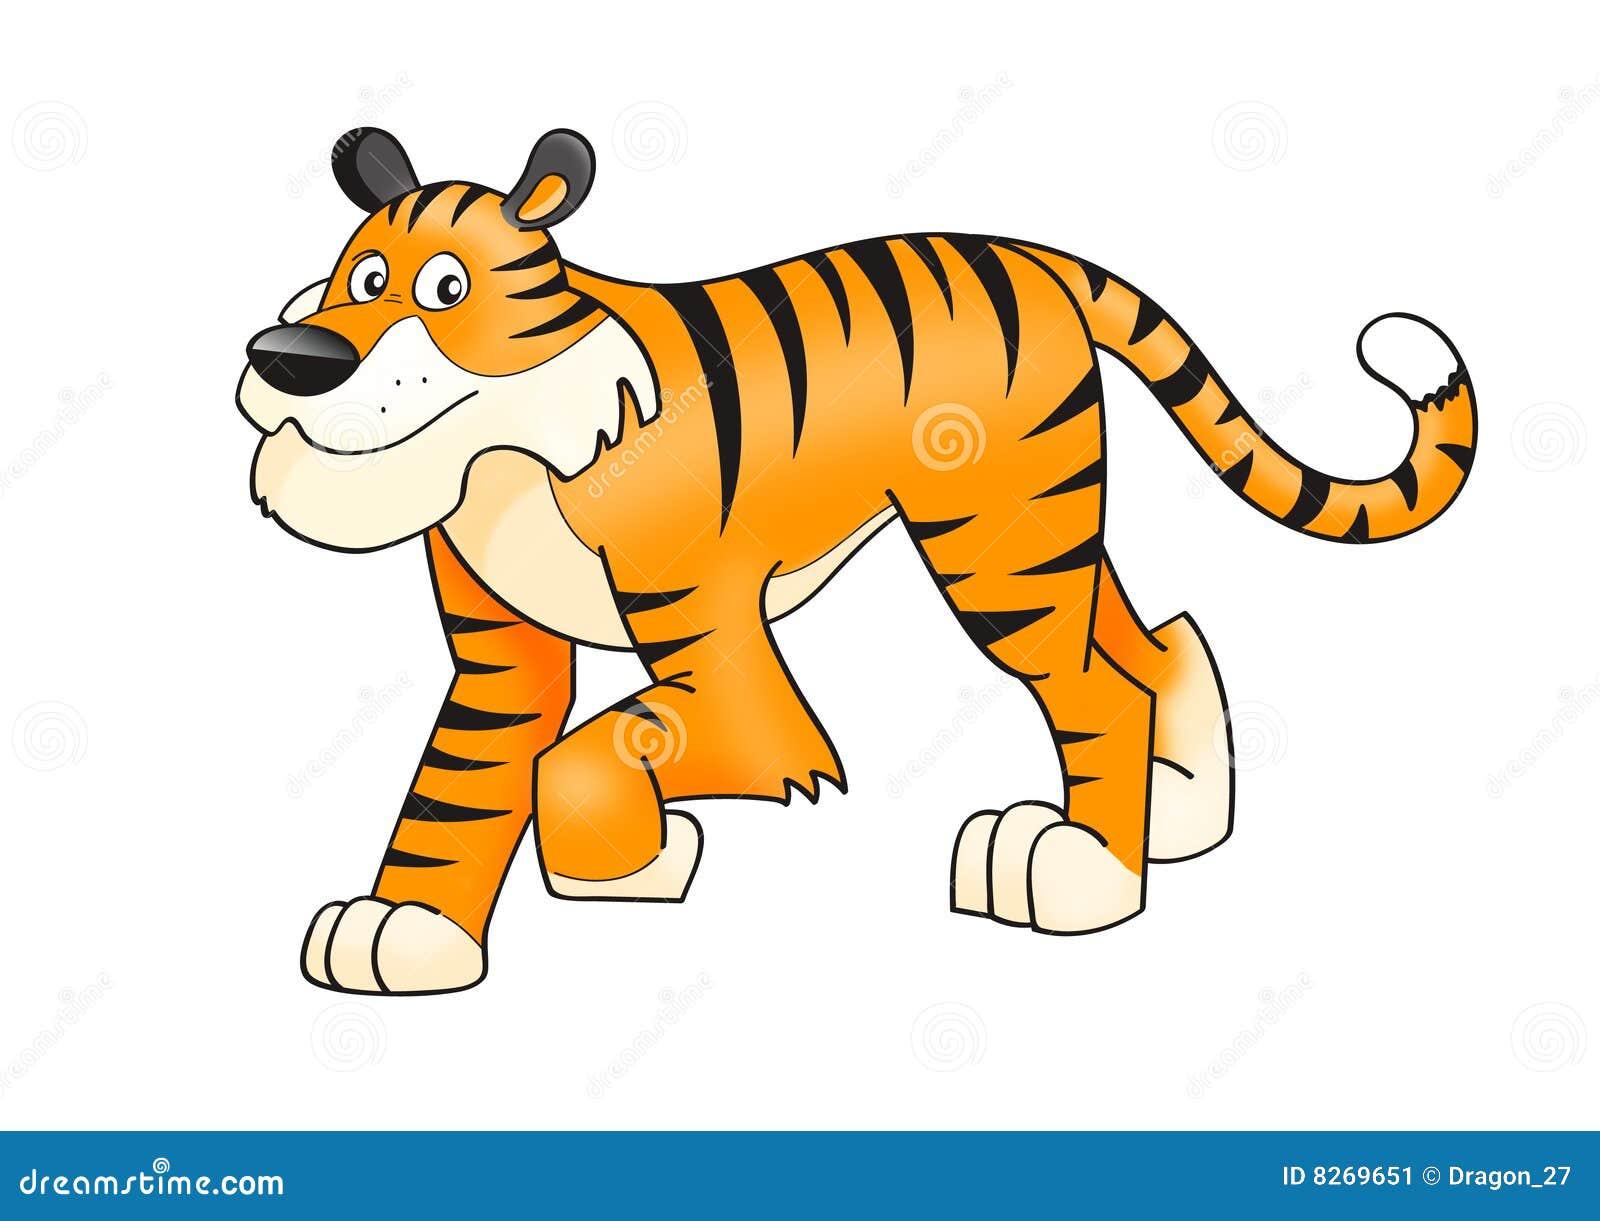 老虎卡通图画大全